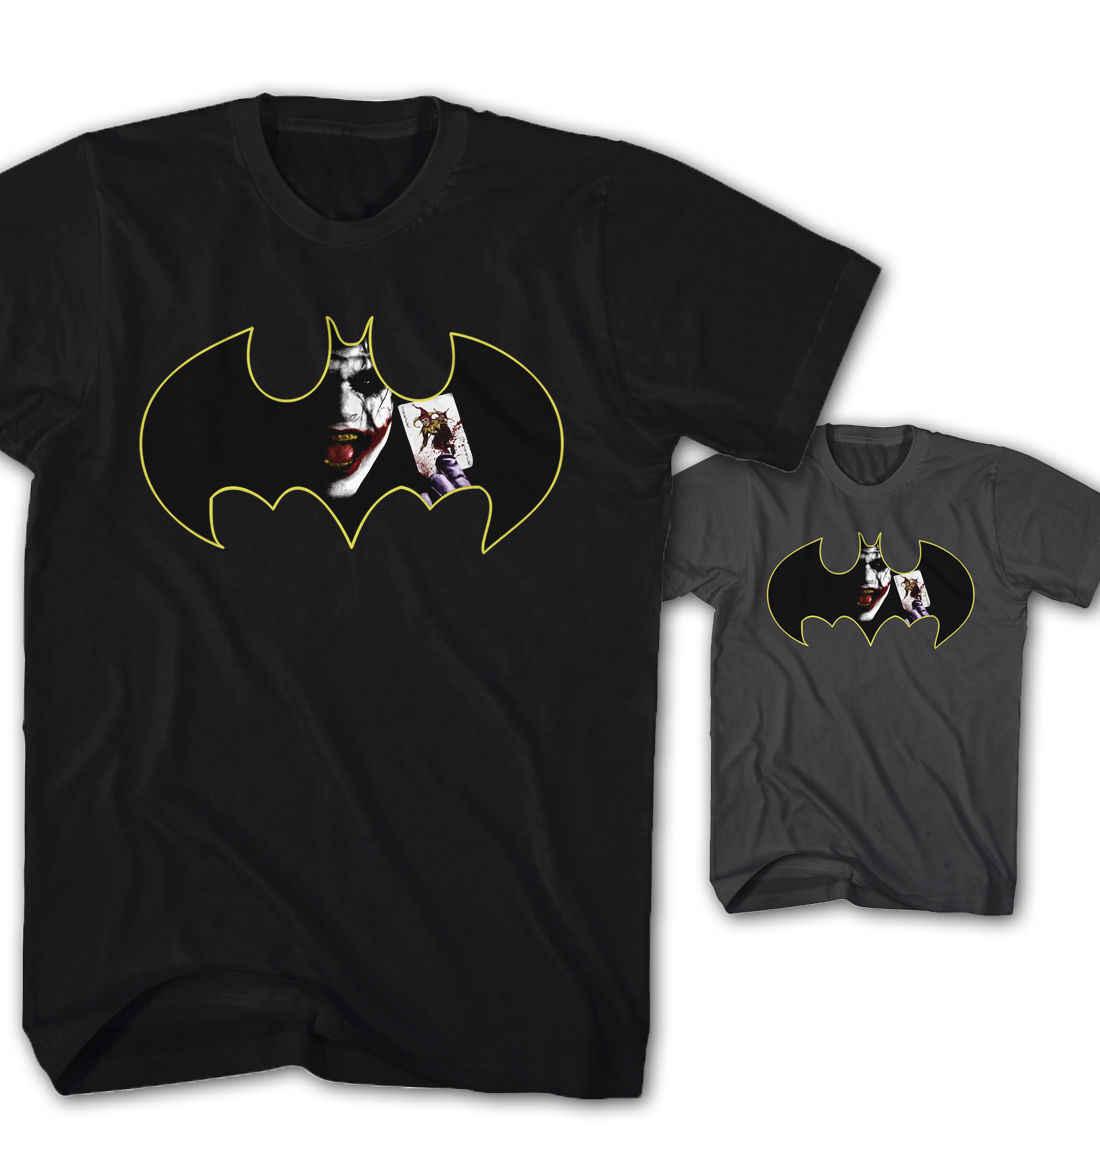 Мужская забавная Футболка Бэтмен Джокер, Темный рыцарь комикс фильм Neu S-5XL JK1115 рубашка мужская